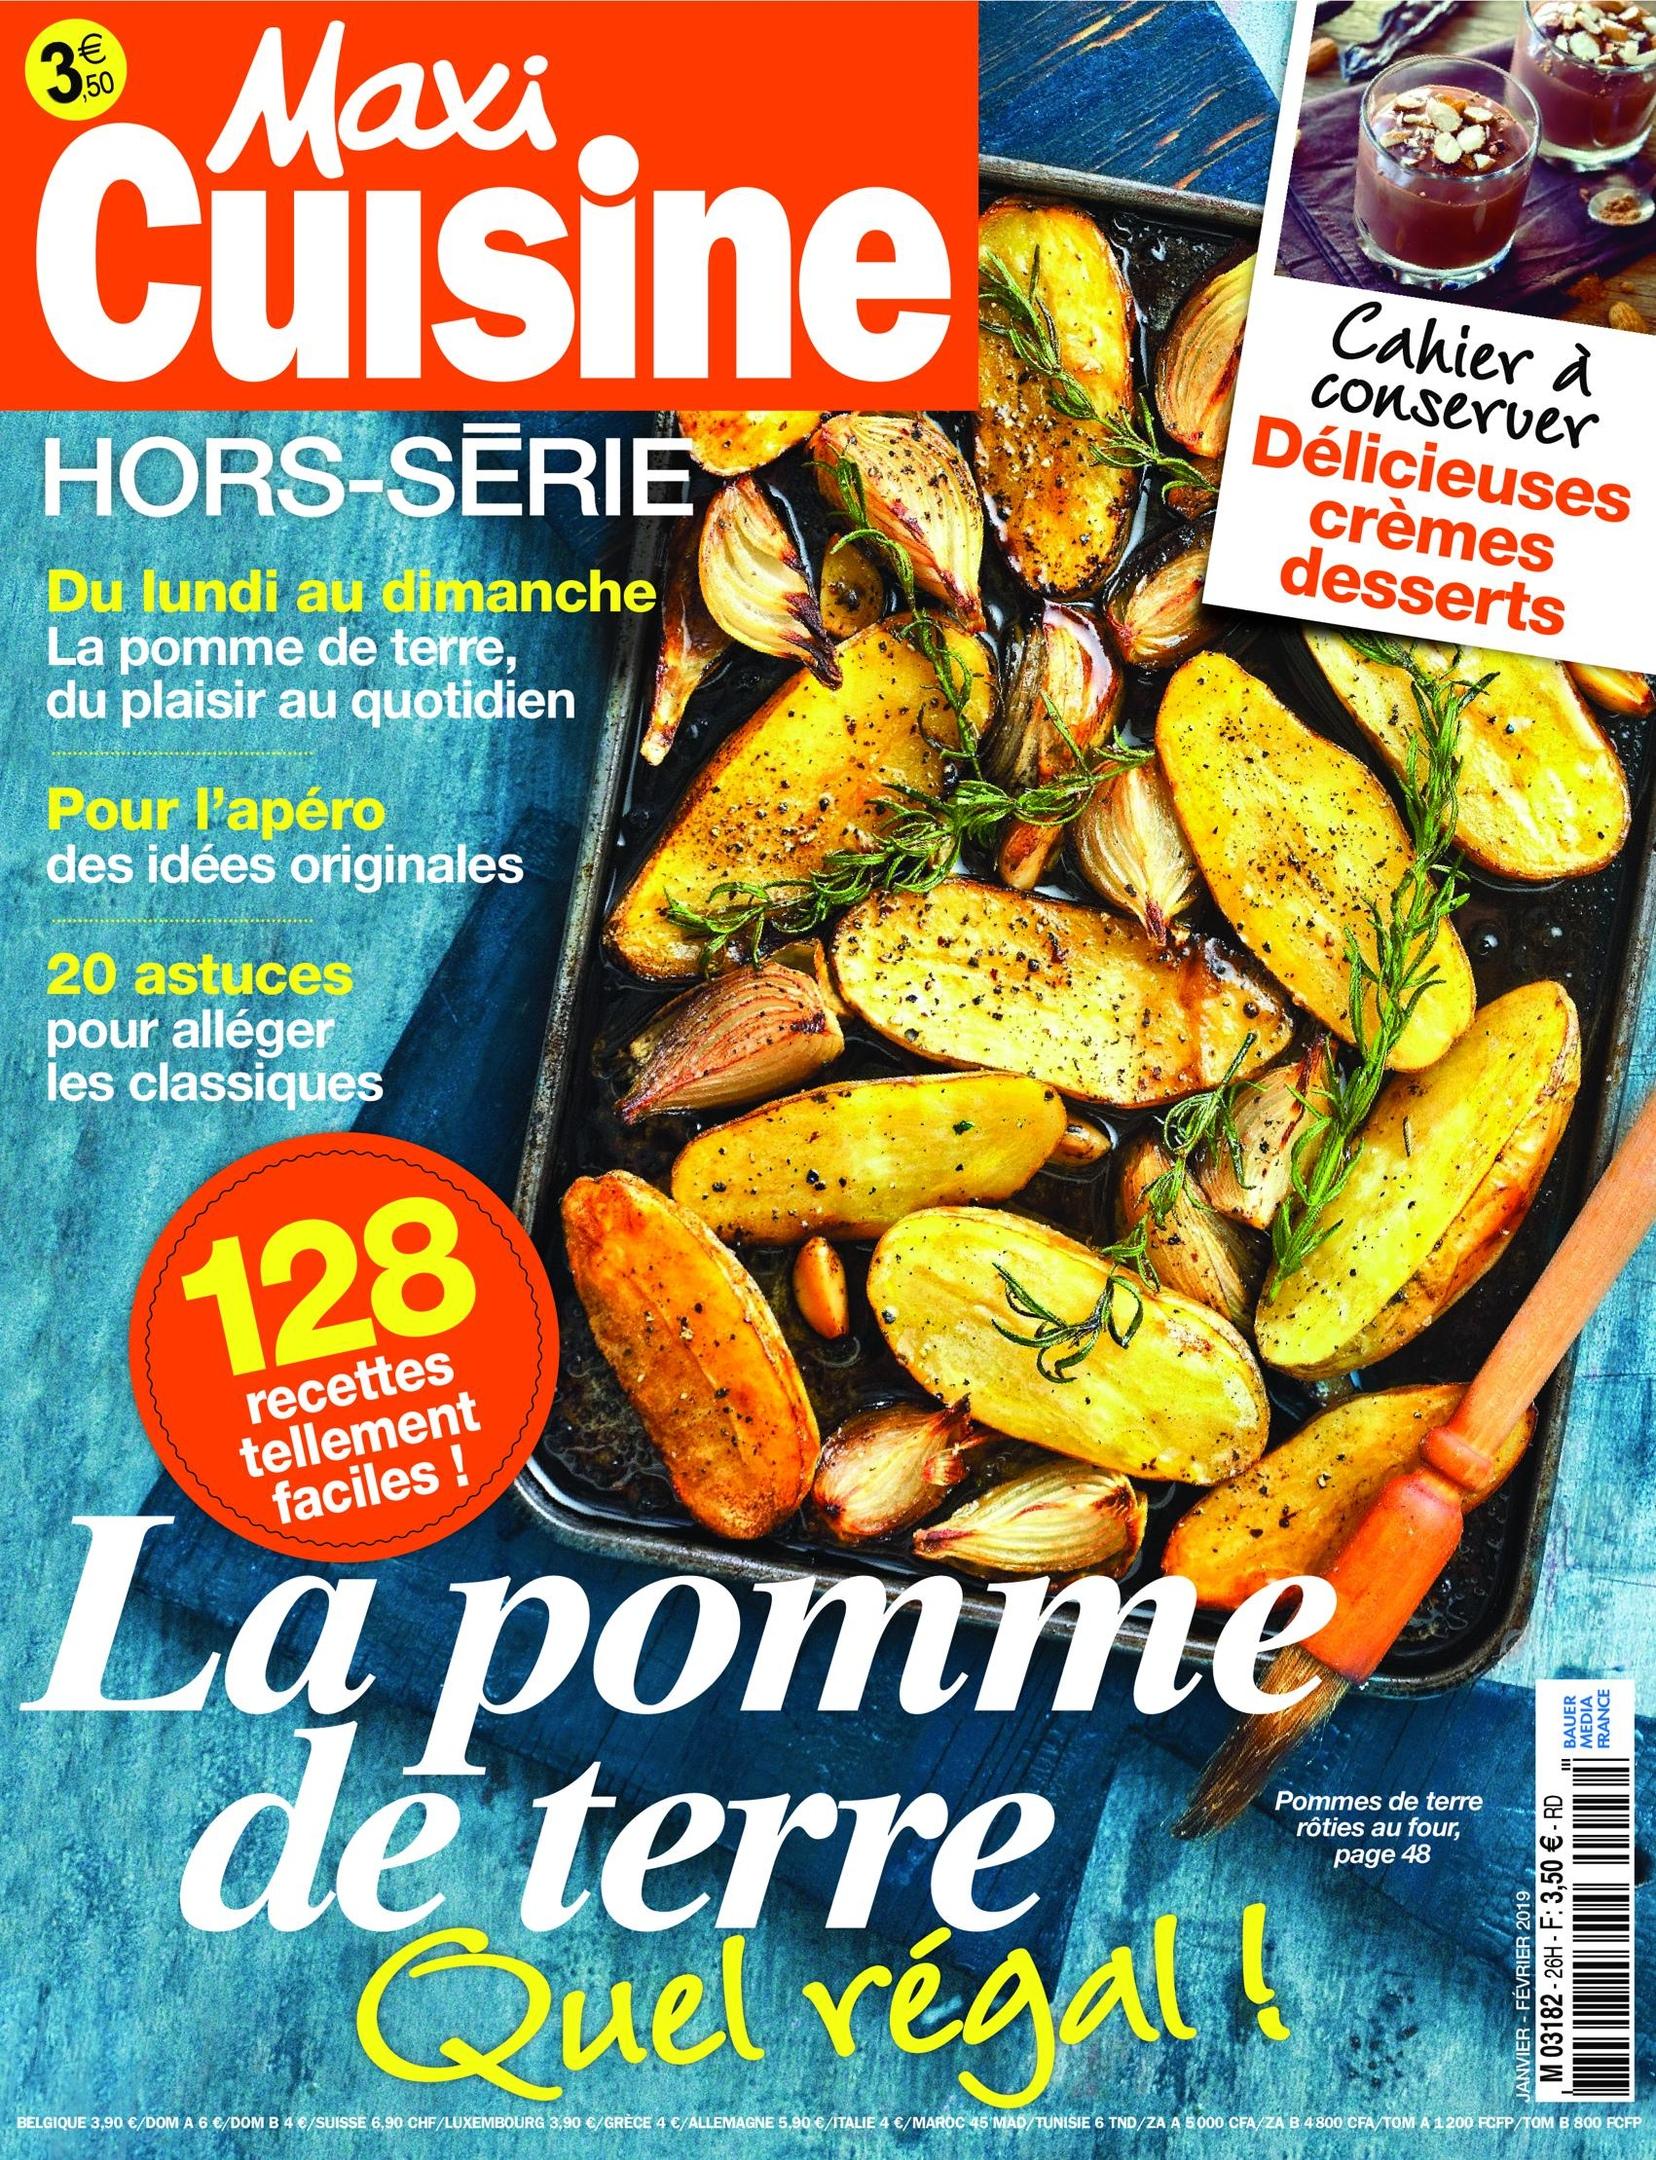 Maxi Cuisine Hors-Série – Janvier 2019